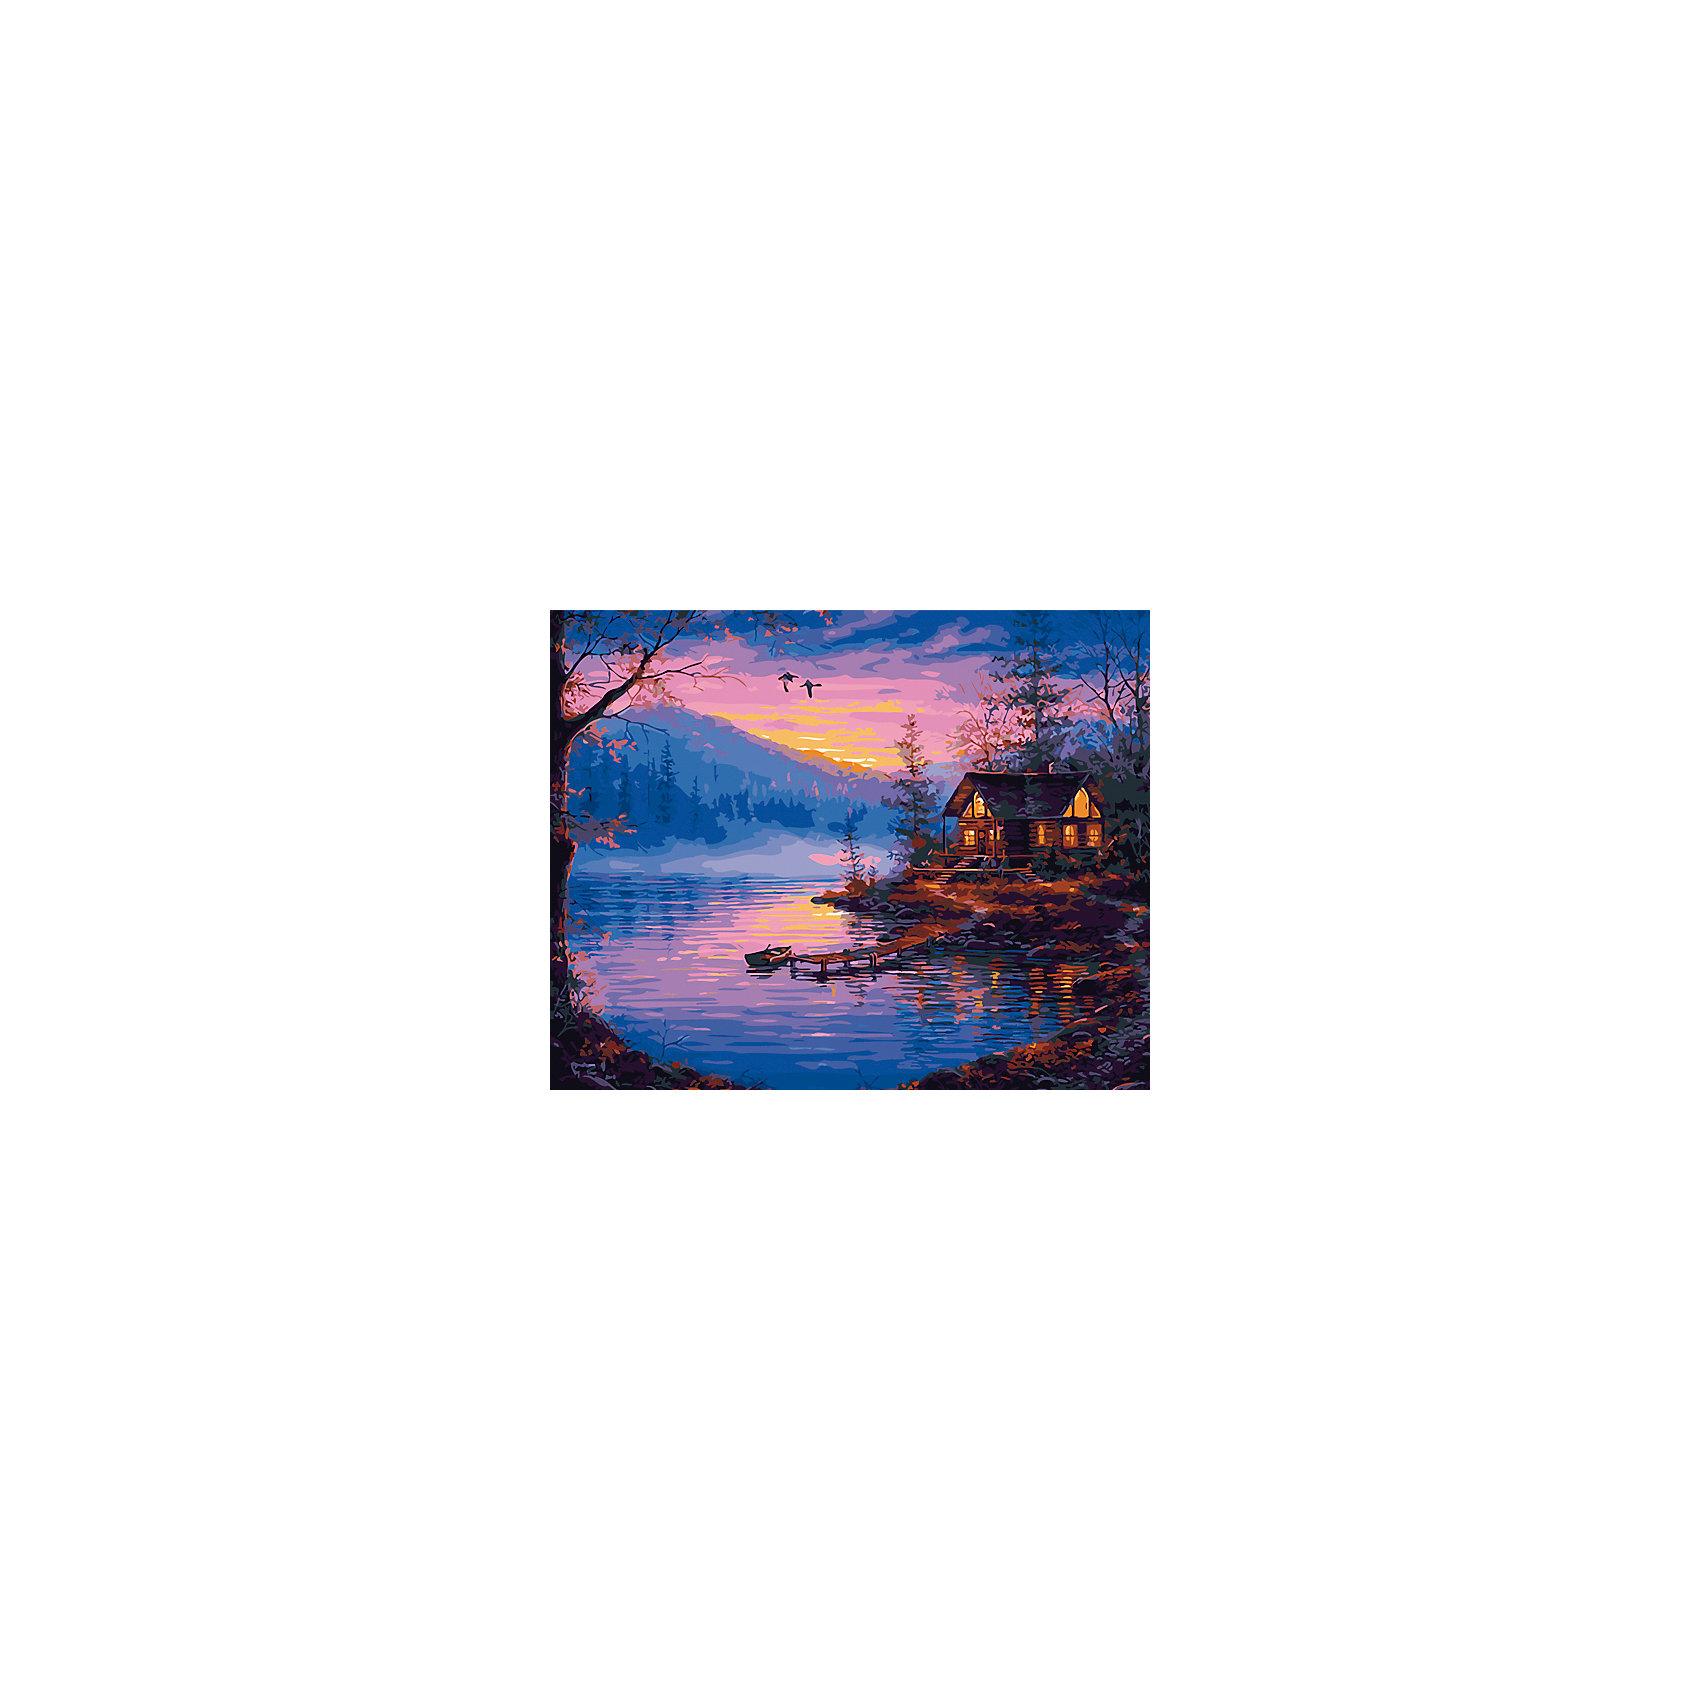 Холст с красками по номерам Закат на озере 40х50 смРаскраски по номерам<br>замечательные наборы для создания уникального шедевра изобразительного искусства. Создание картин на специально подготовленной рабочей поверхности – это уникальная техника, позволяющая делать Ваши шедевры более яркими и реалистичными. Просто нанесите мазки на уже готовый эскиз и оживите картину! Готовые изделия могут стать украшением интерьера или прекрасным подарком близким и друзьям.<br><br>Ширина мм: 510<br>Глубина мм: 410<br>Высота мм: 25<br>Вес г: 900<br>Возраст от месяцев: 36<br>Возраст до месяцев: 108<br>Пол: Унисекс<br>Возраст: Детский<br>SKU: 5096766